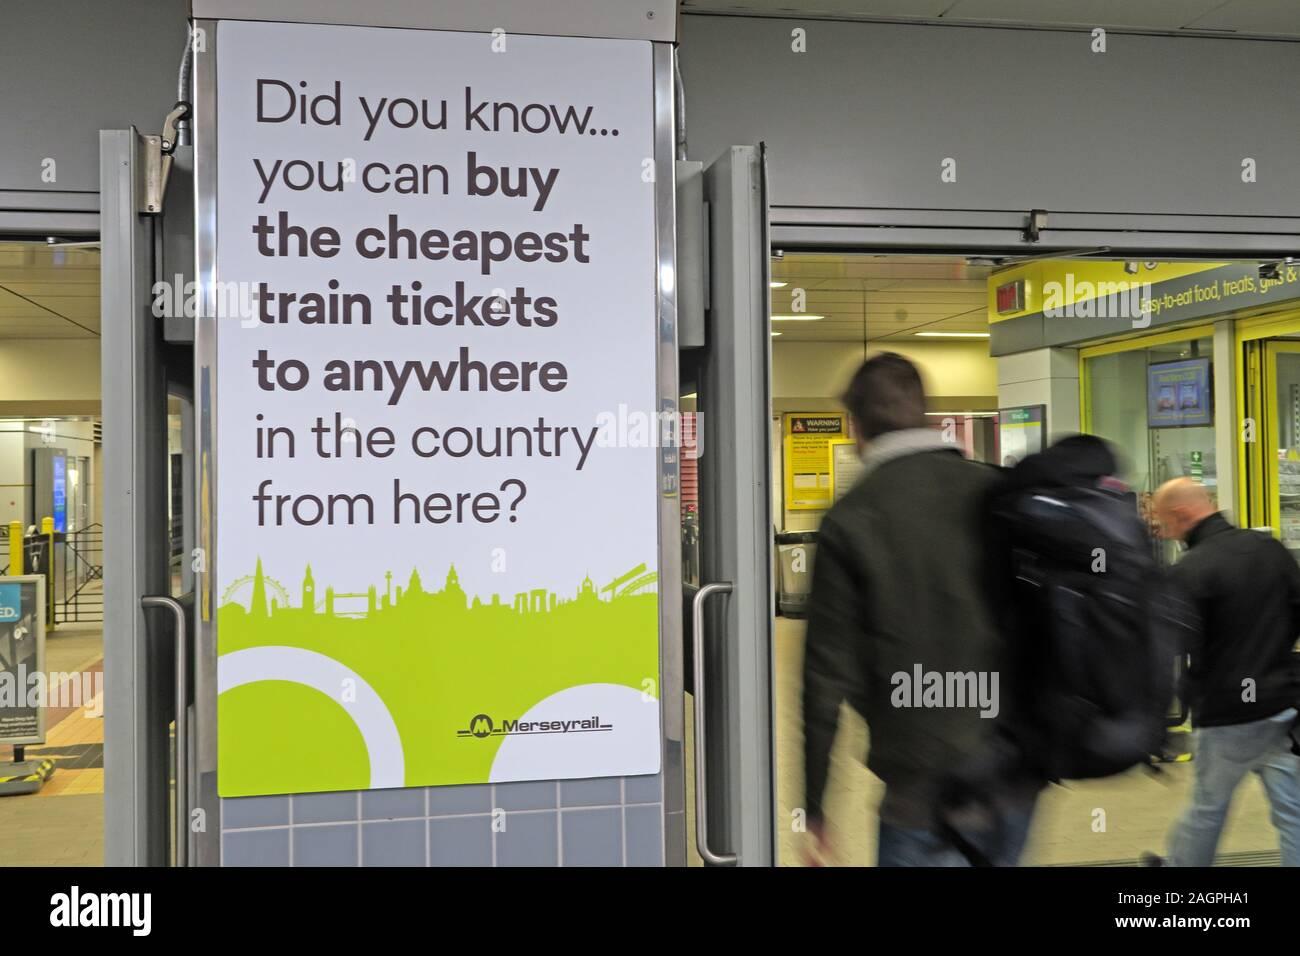 Dieses Stockfoto: Merseyrail - Die billigsten Fahrkarten zu überall, Plakat, von der Lime St Station, Liverpool, Merseyside, North West England, UK kaufen - 2AGPHA